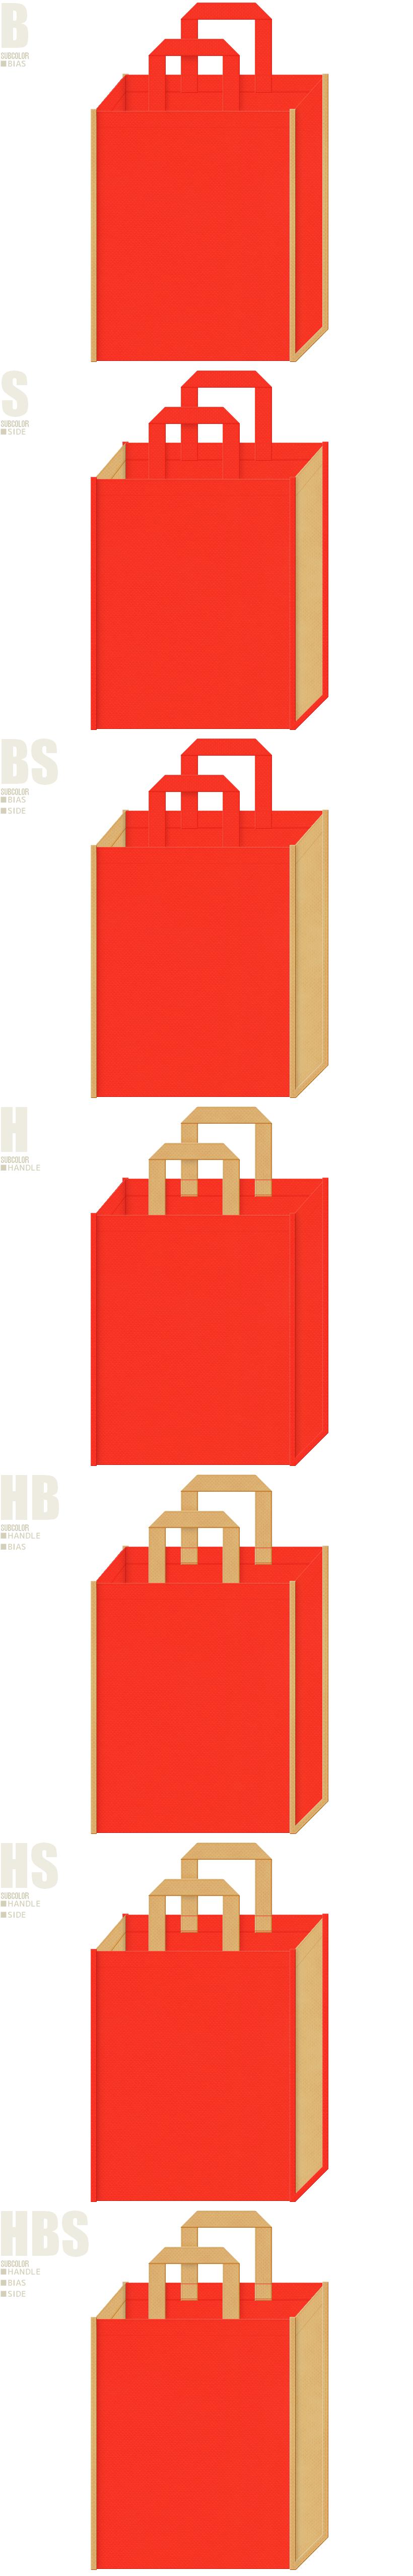 お料理教室・レシピ・サラダ油・調味料・オニオン・ランチバッグにお奨めの不織布バッグデザイン:オレンジ色と薄黄土色の配色7パターン